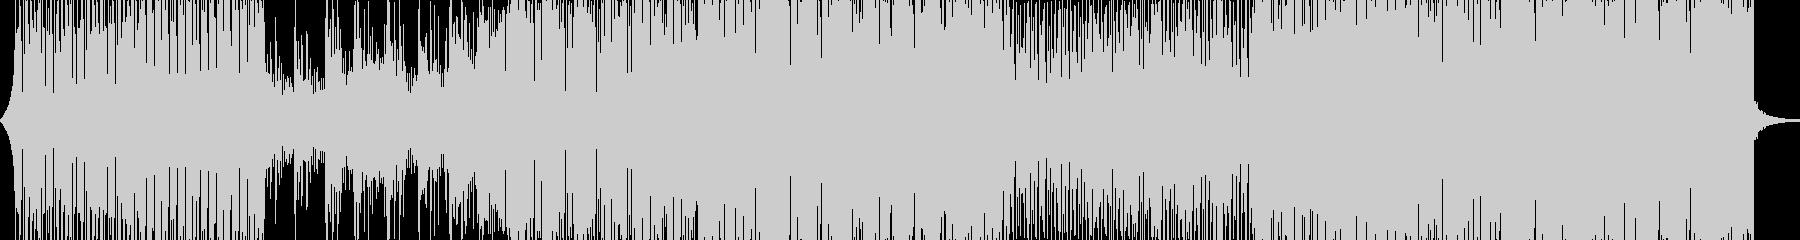 エレクトロスイング。古いスタイル。...の未再生の波形